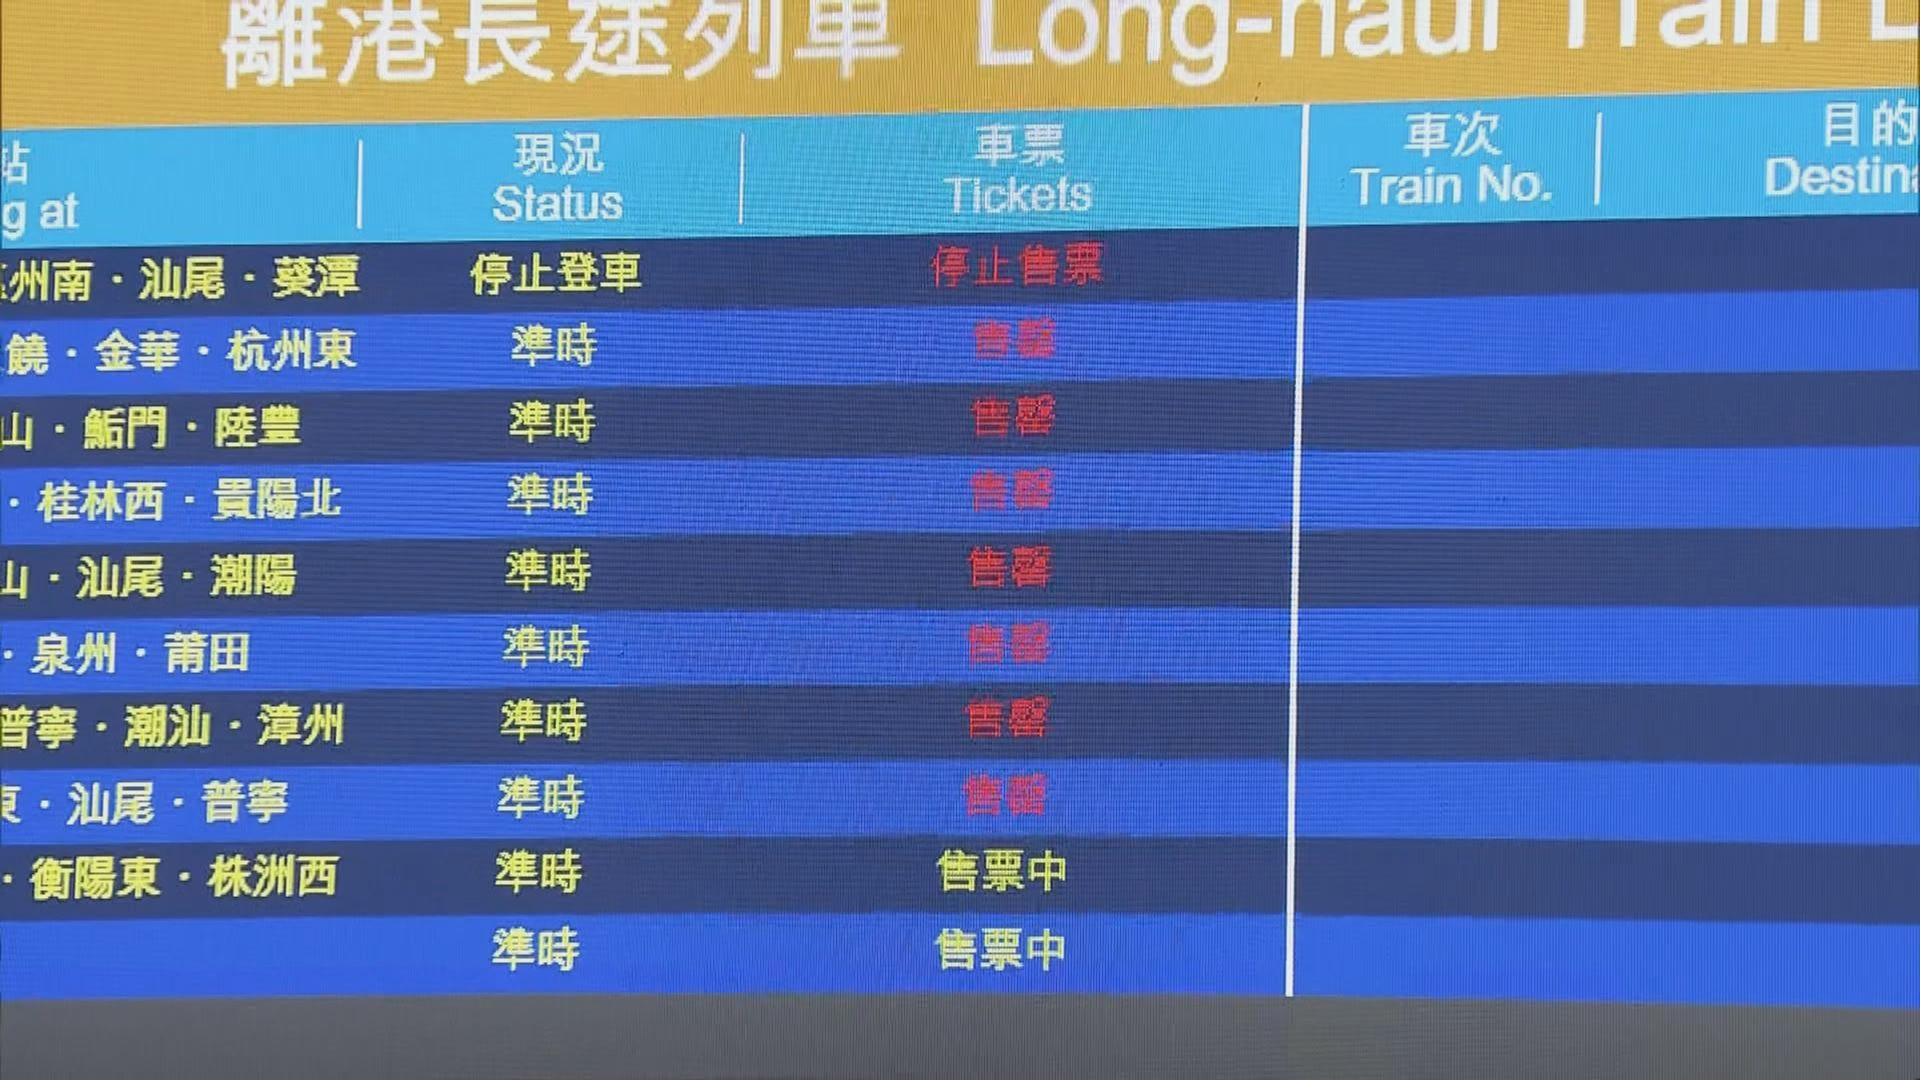 大部分即日高鐵短途車票已售罄